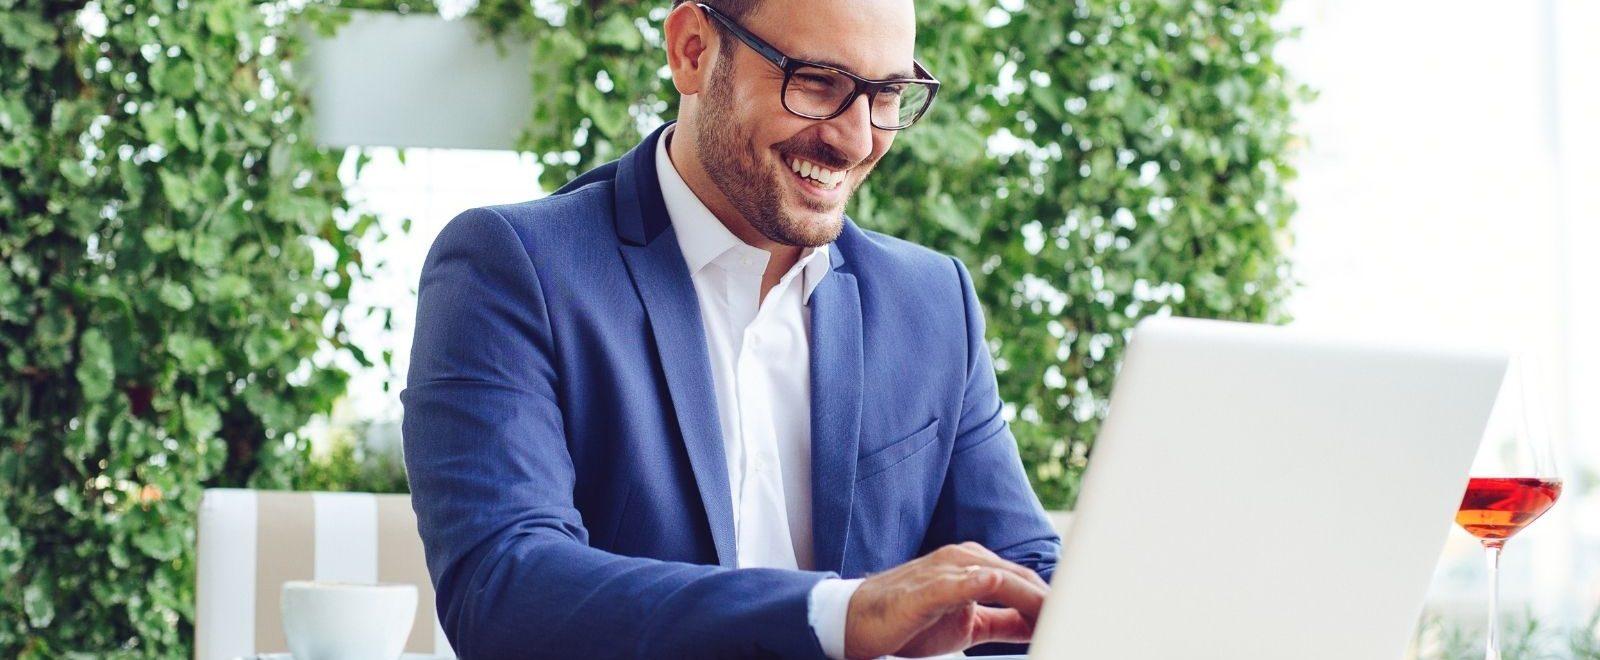 Welcome email: uomo d'affari sorride soddisfatto mentre invia la sequenza email di benvenuto